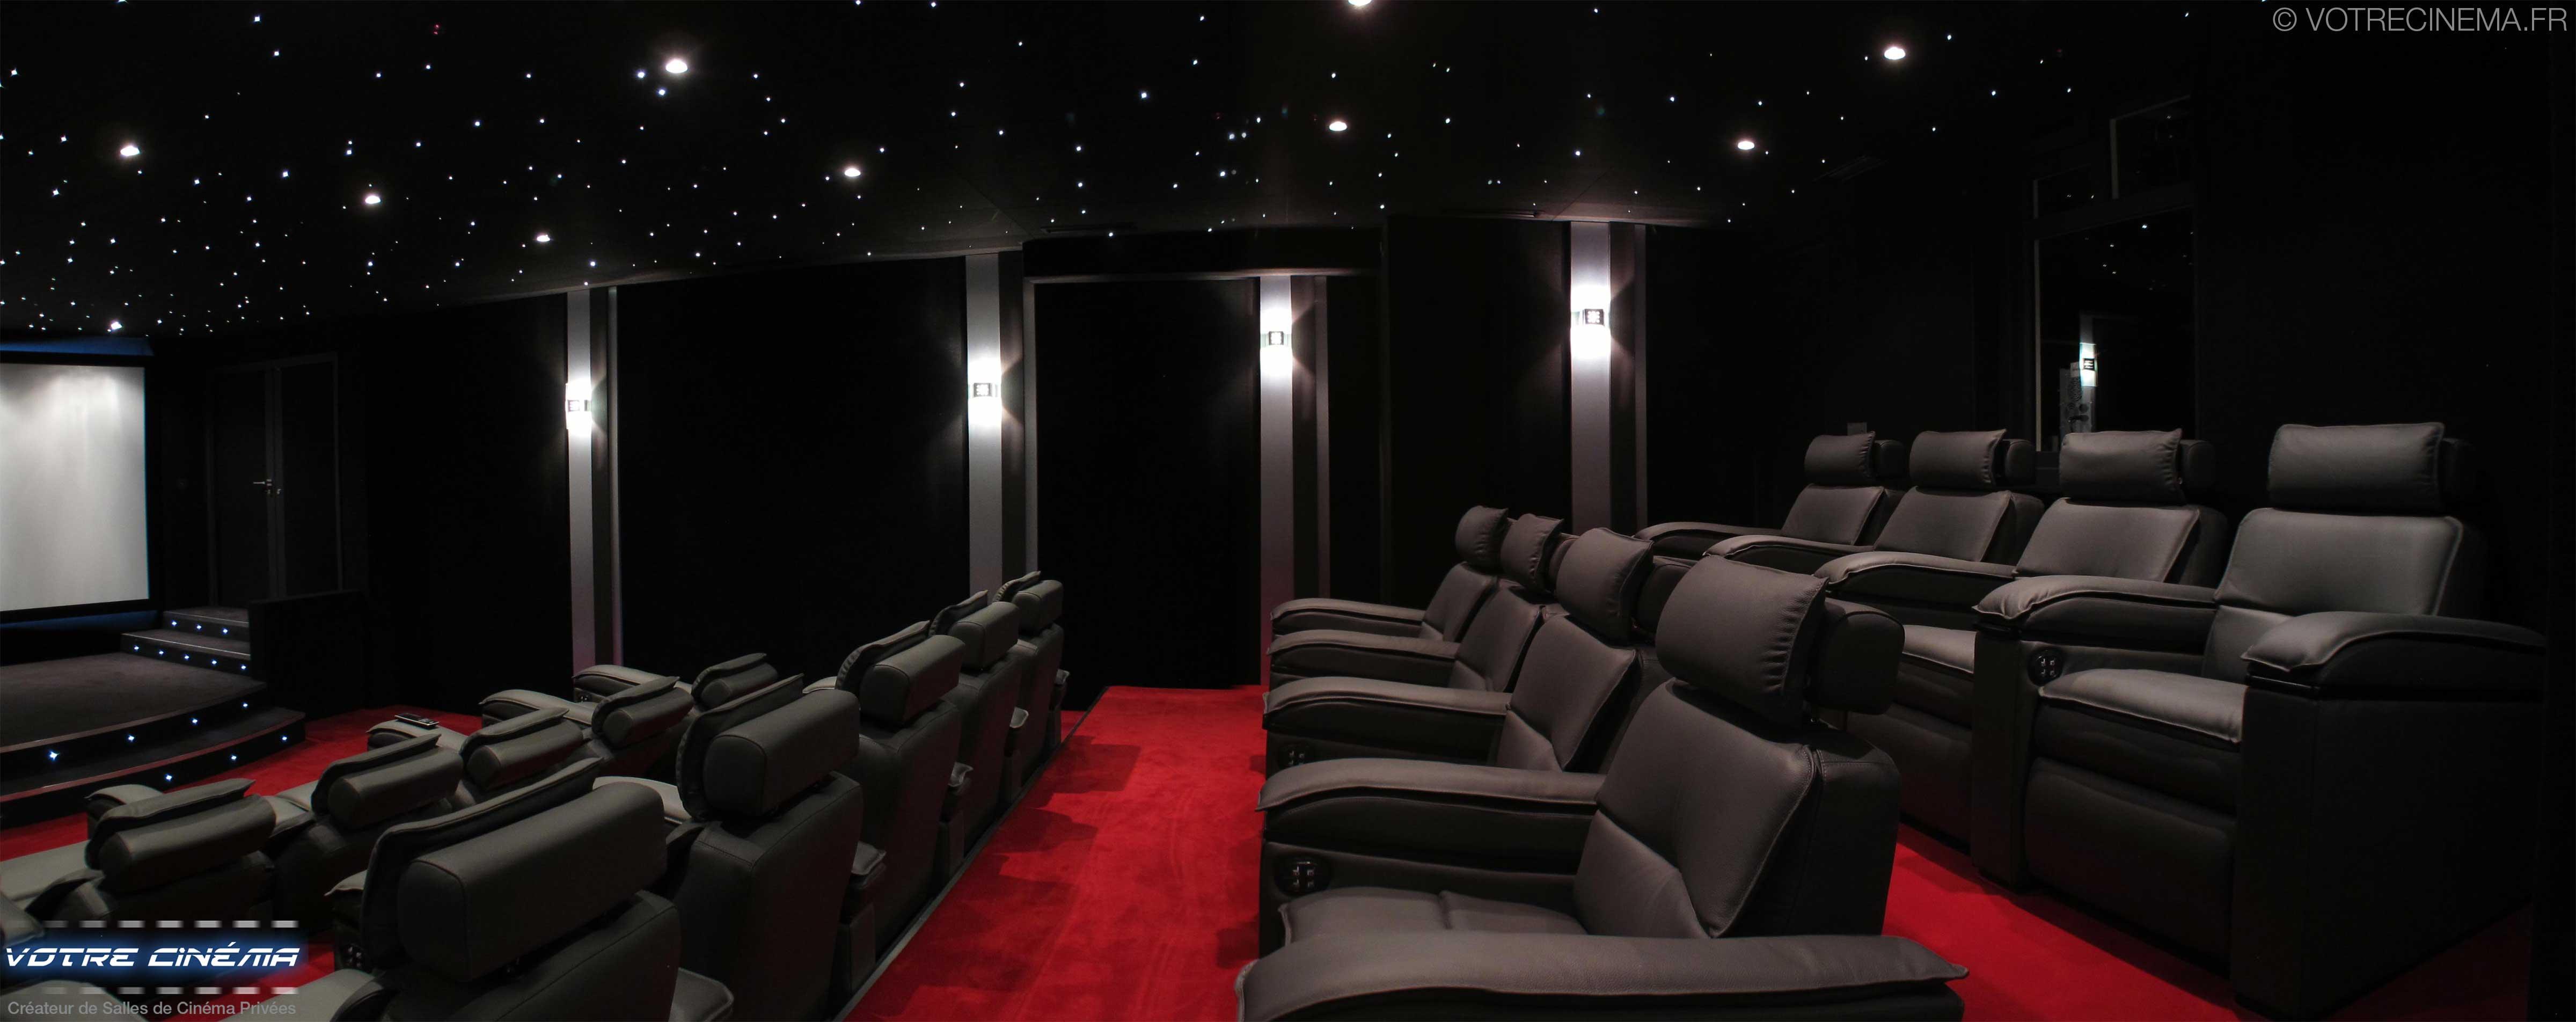 Paris 65m Votre Cinema